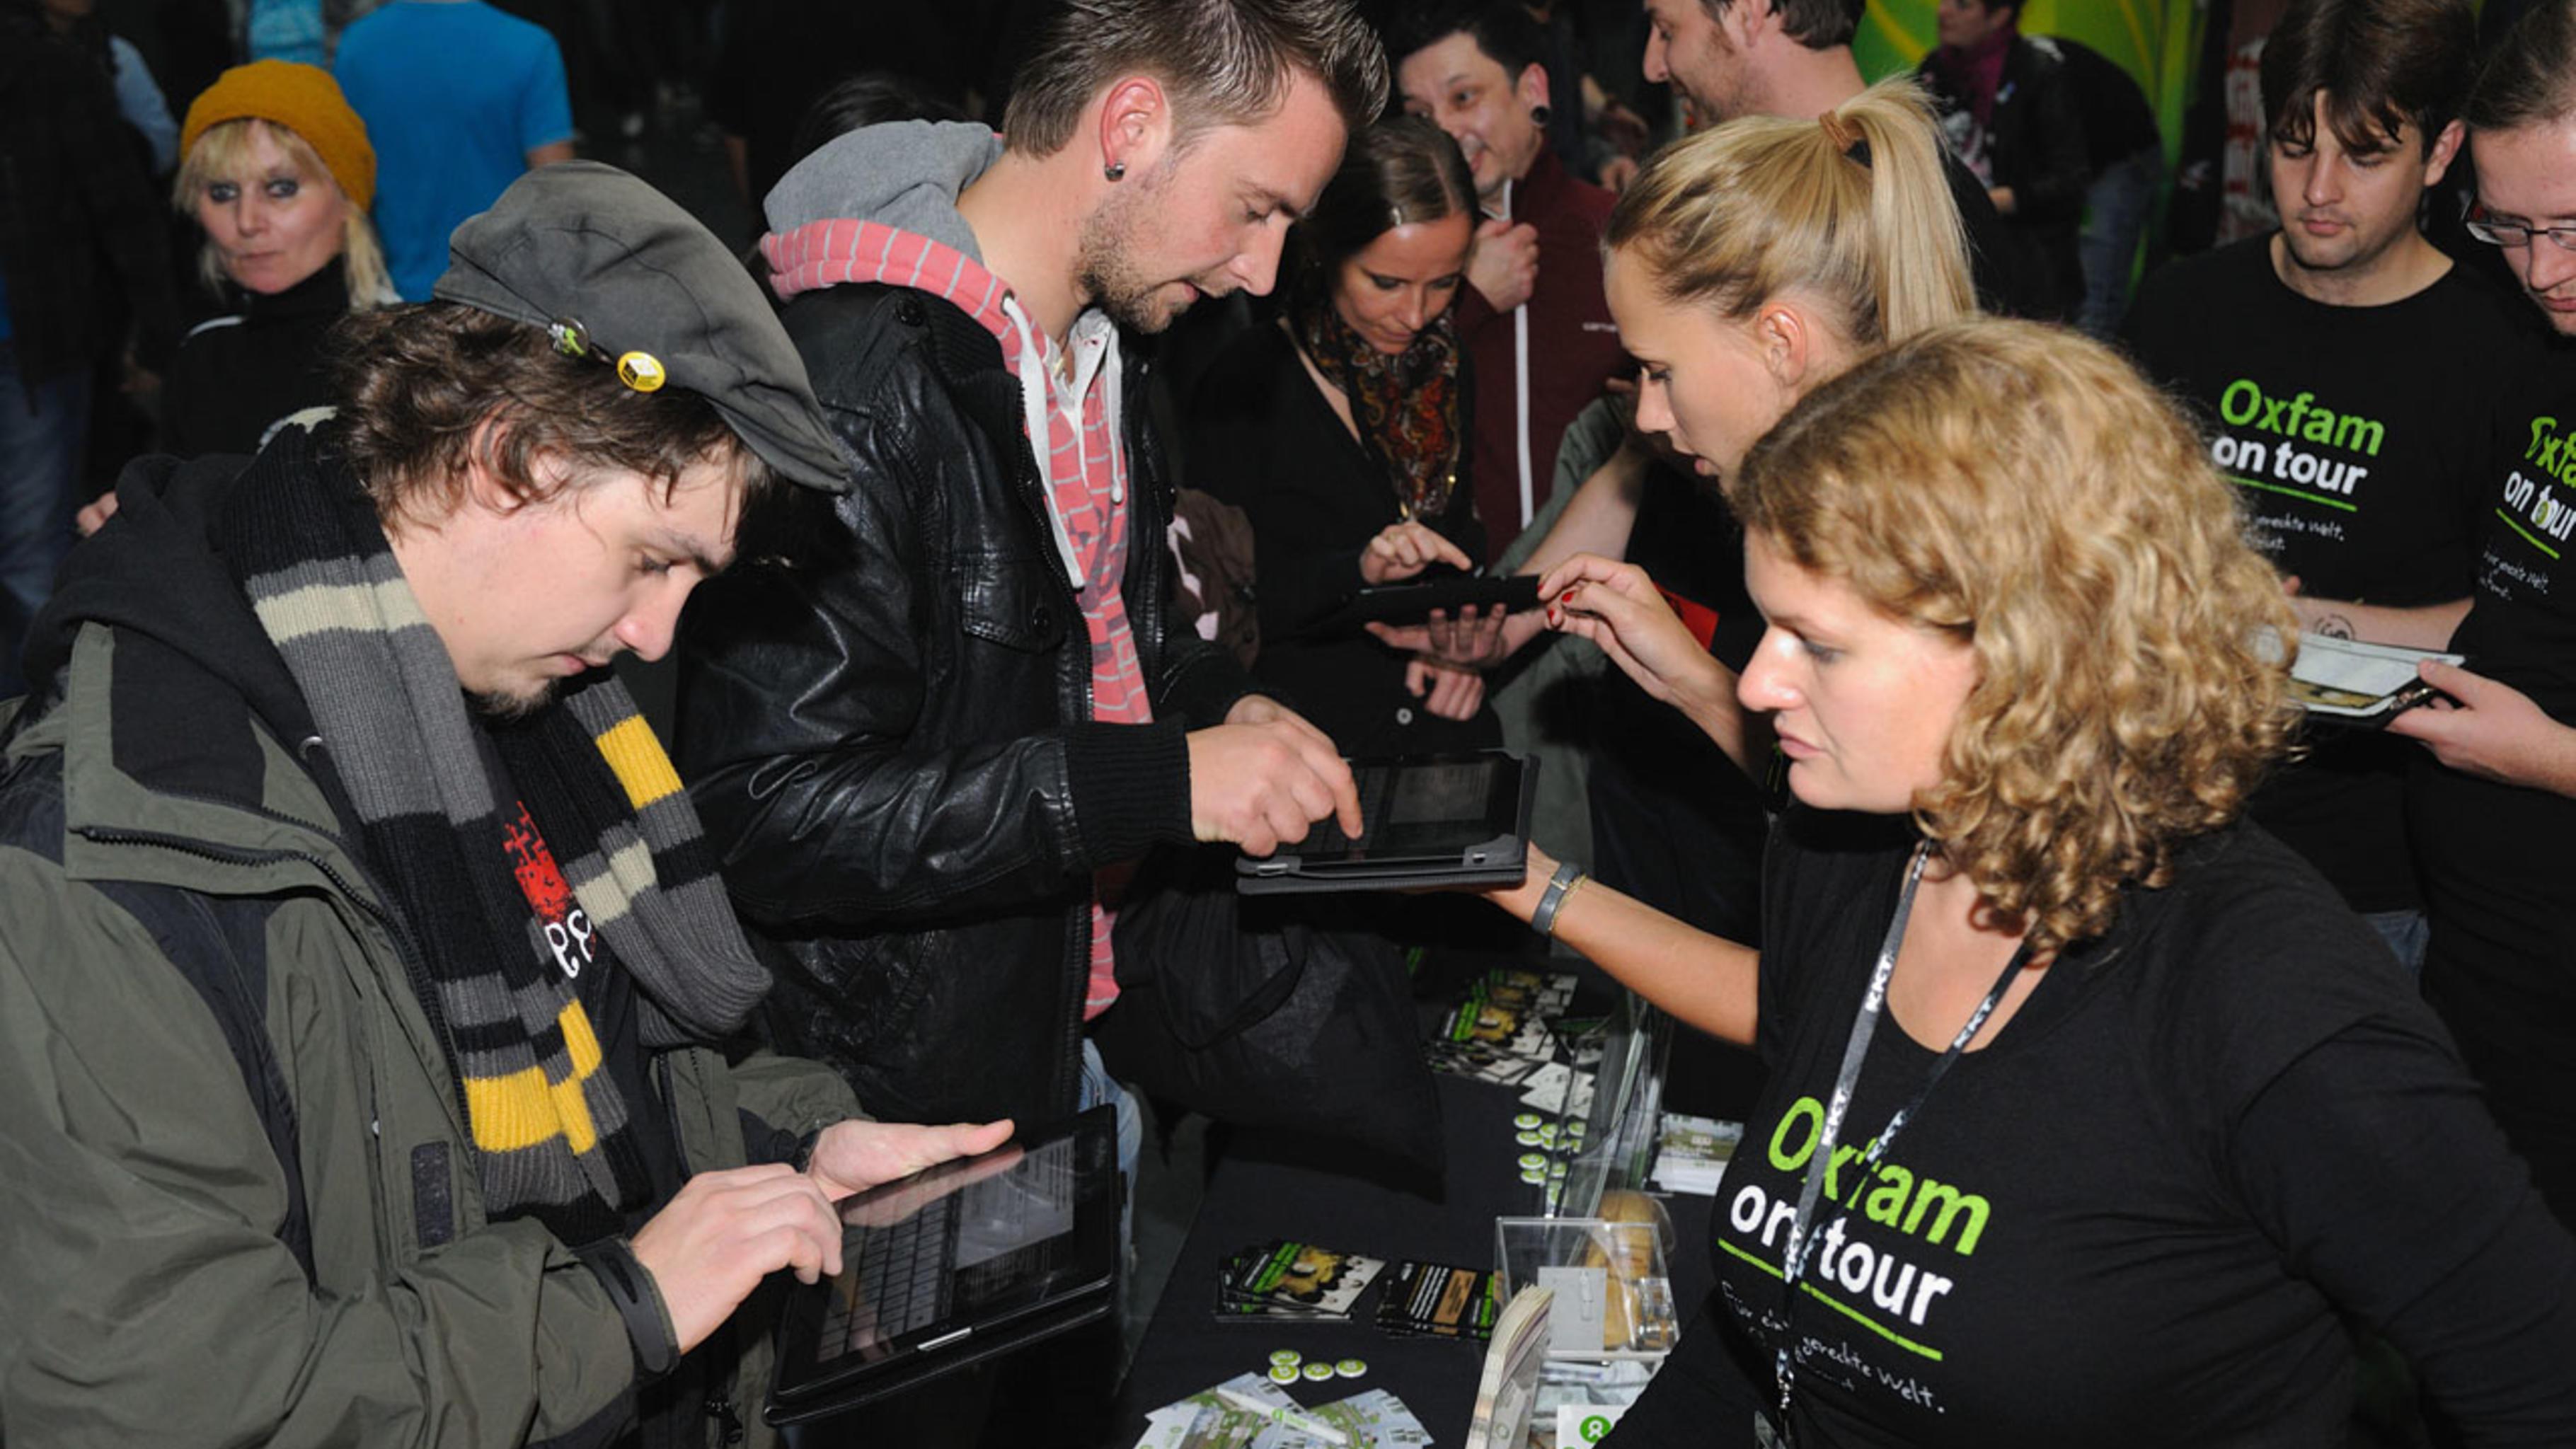 Konzert-Aktivist/innen im Einsatz mit iPads beim Konzert der Toten Hosen.